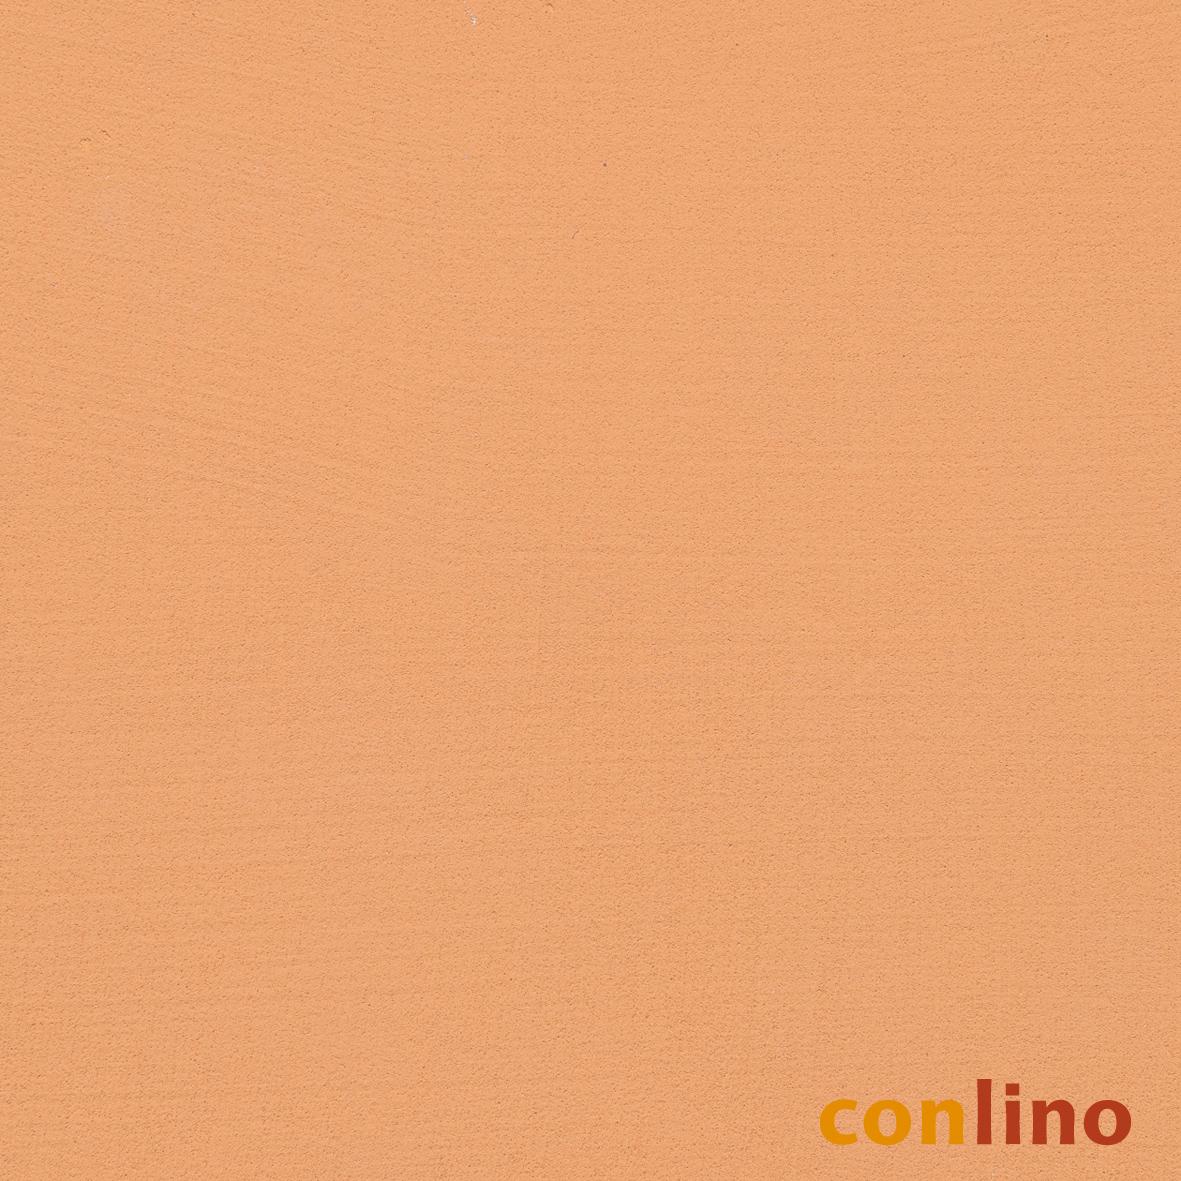 conlino Lehmfarbe Arancio CL 125